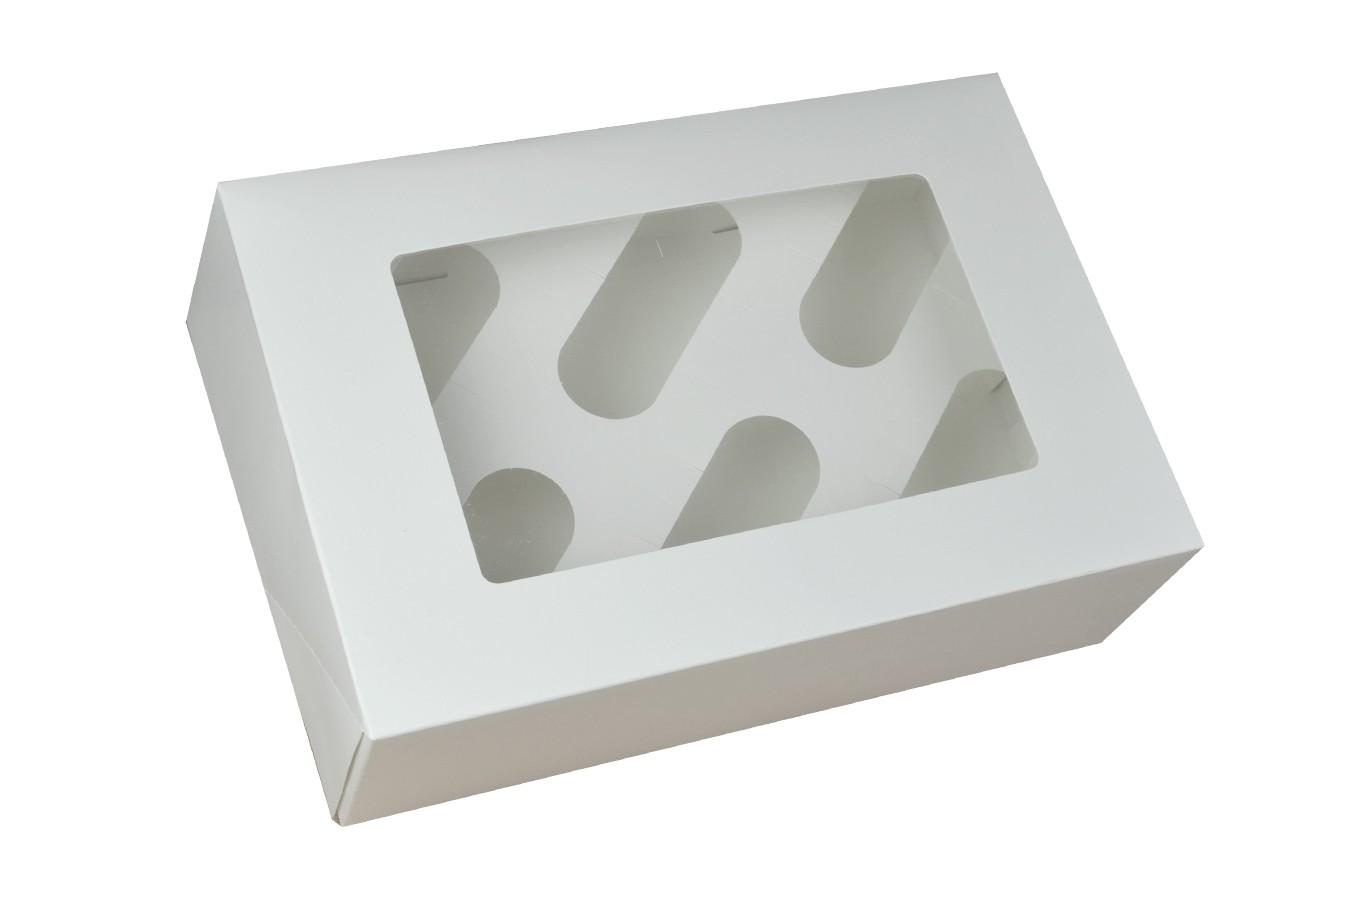 Boîte pour 6 cupcakes - Blanc - Lot de 3